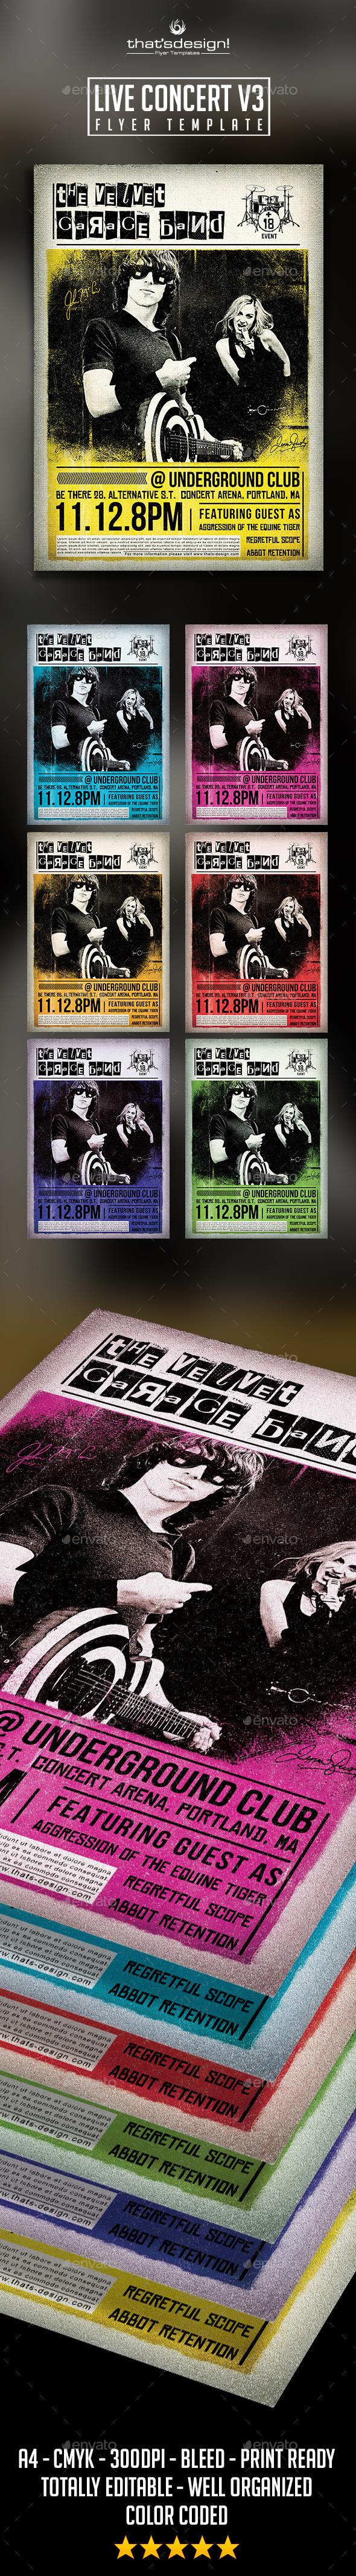 GraphicRiver Live Concert Flyer Poster Template V3 9085821